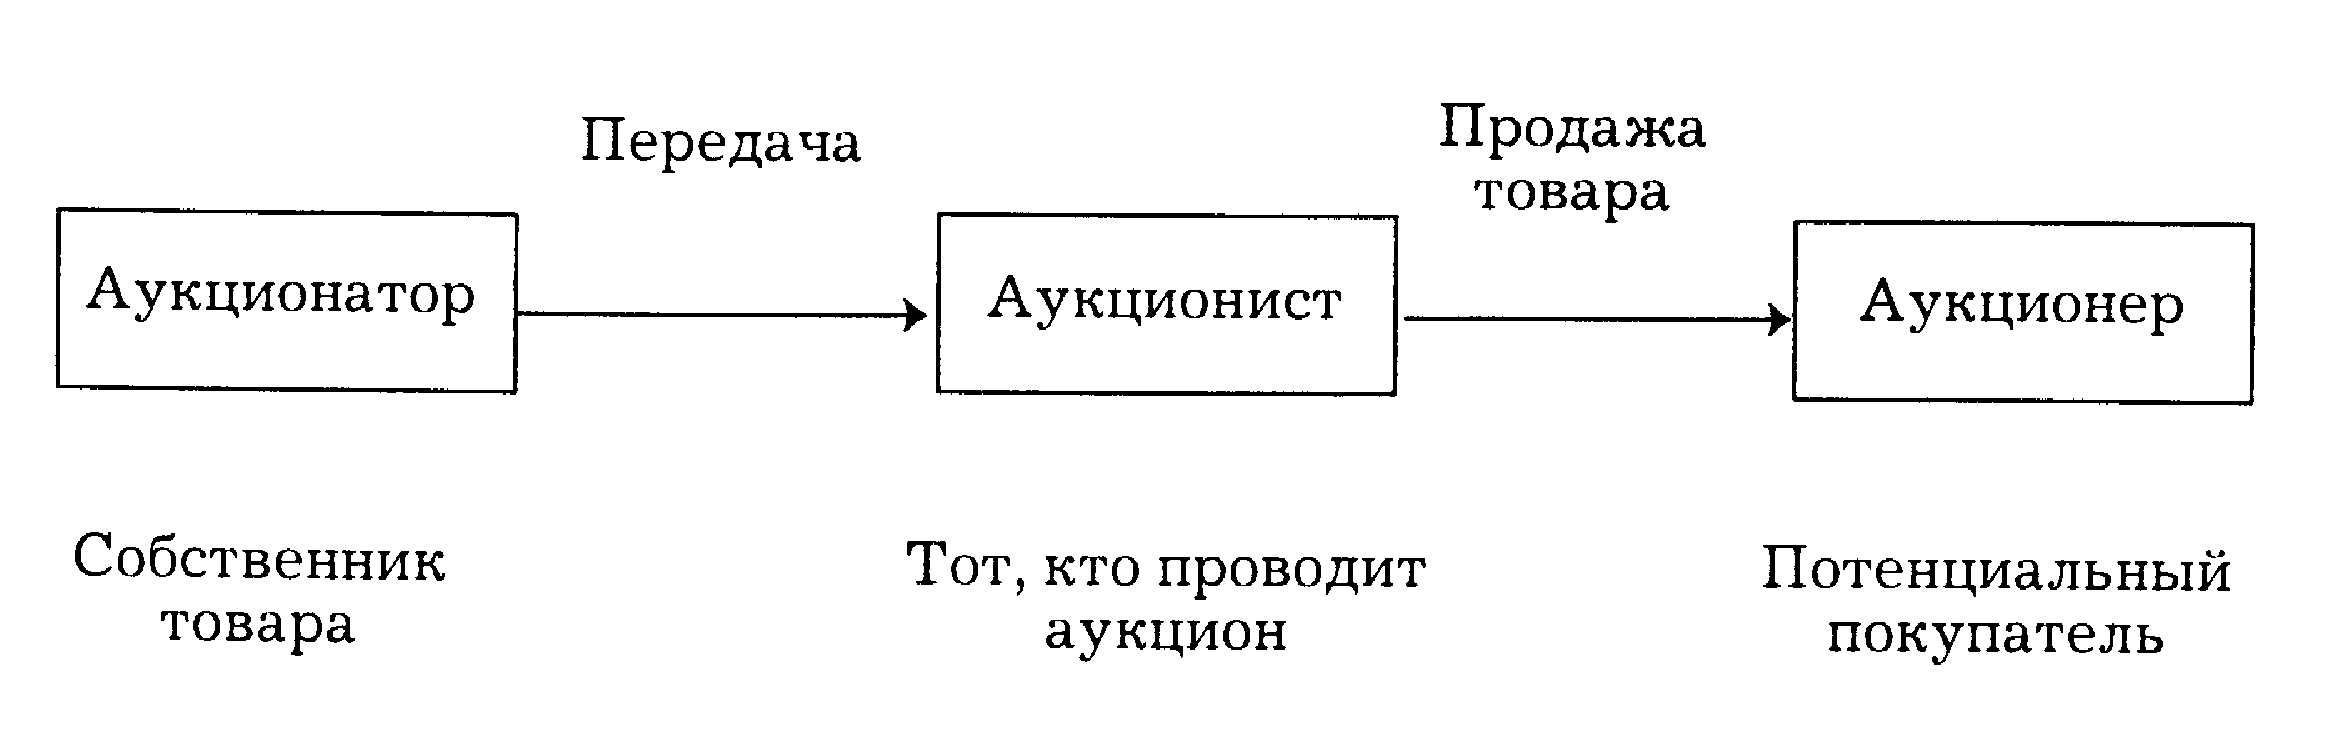 схема взаимодействия между продавцом и покупателем